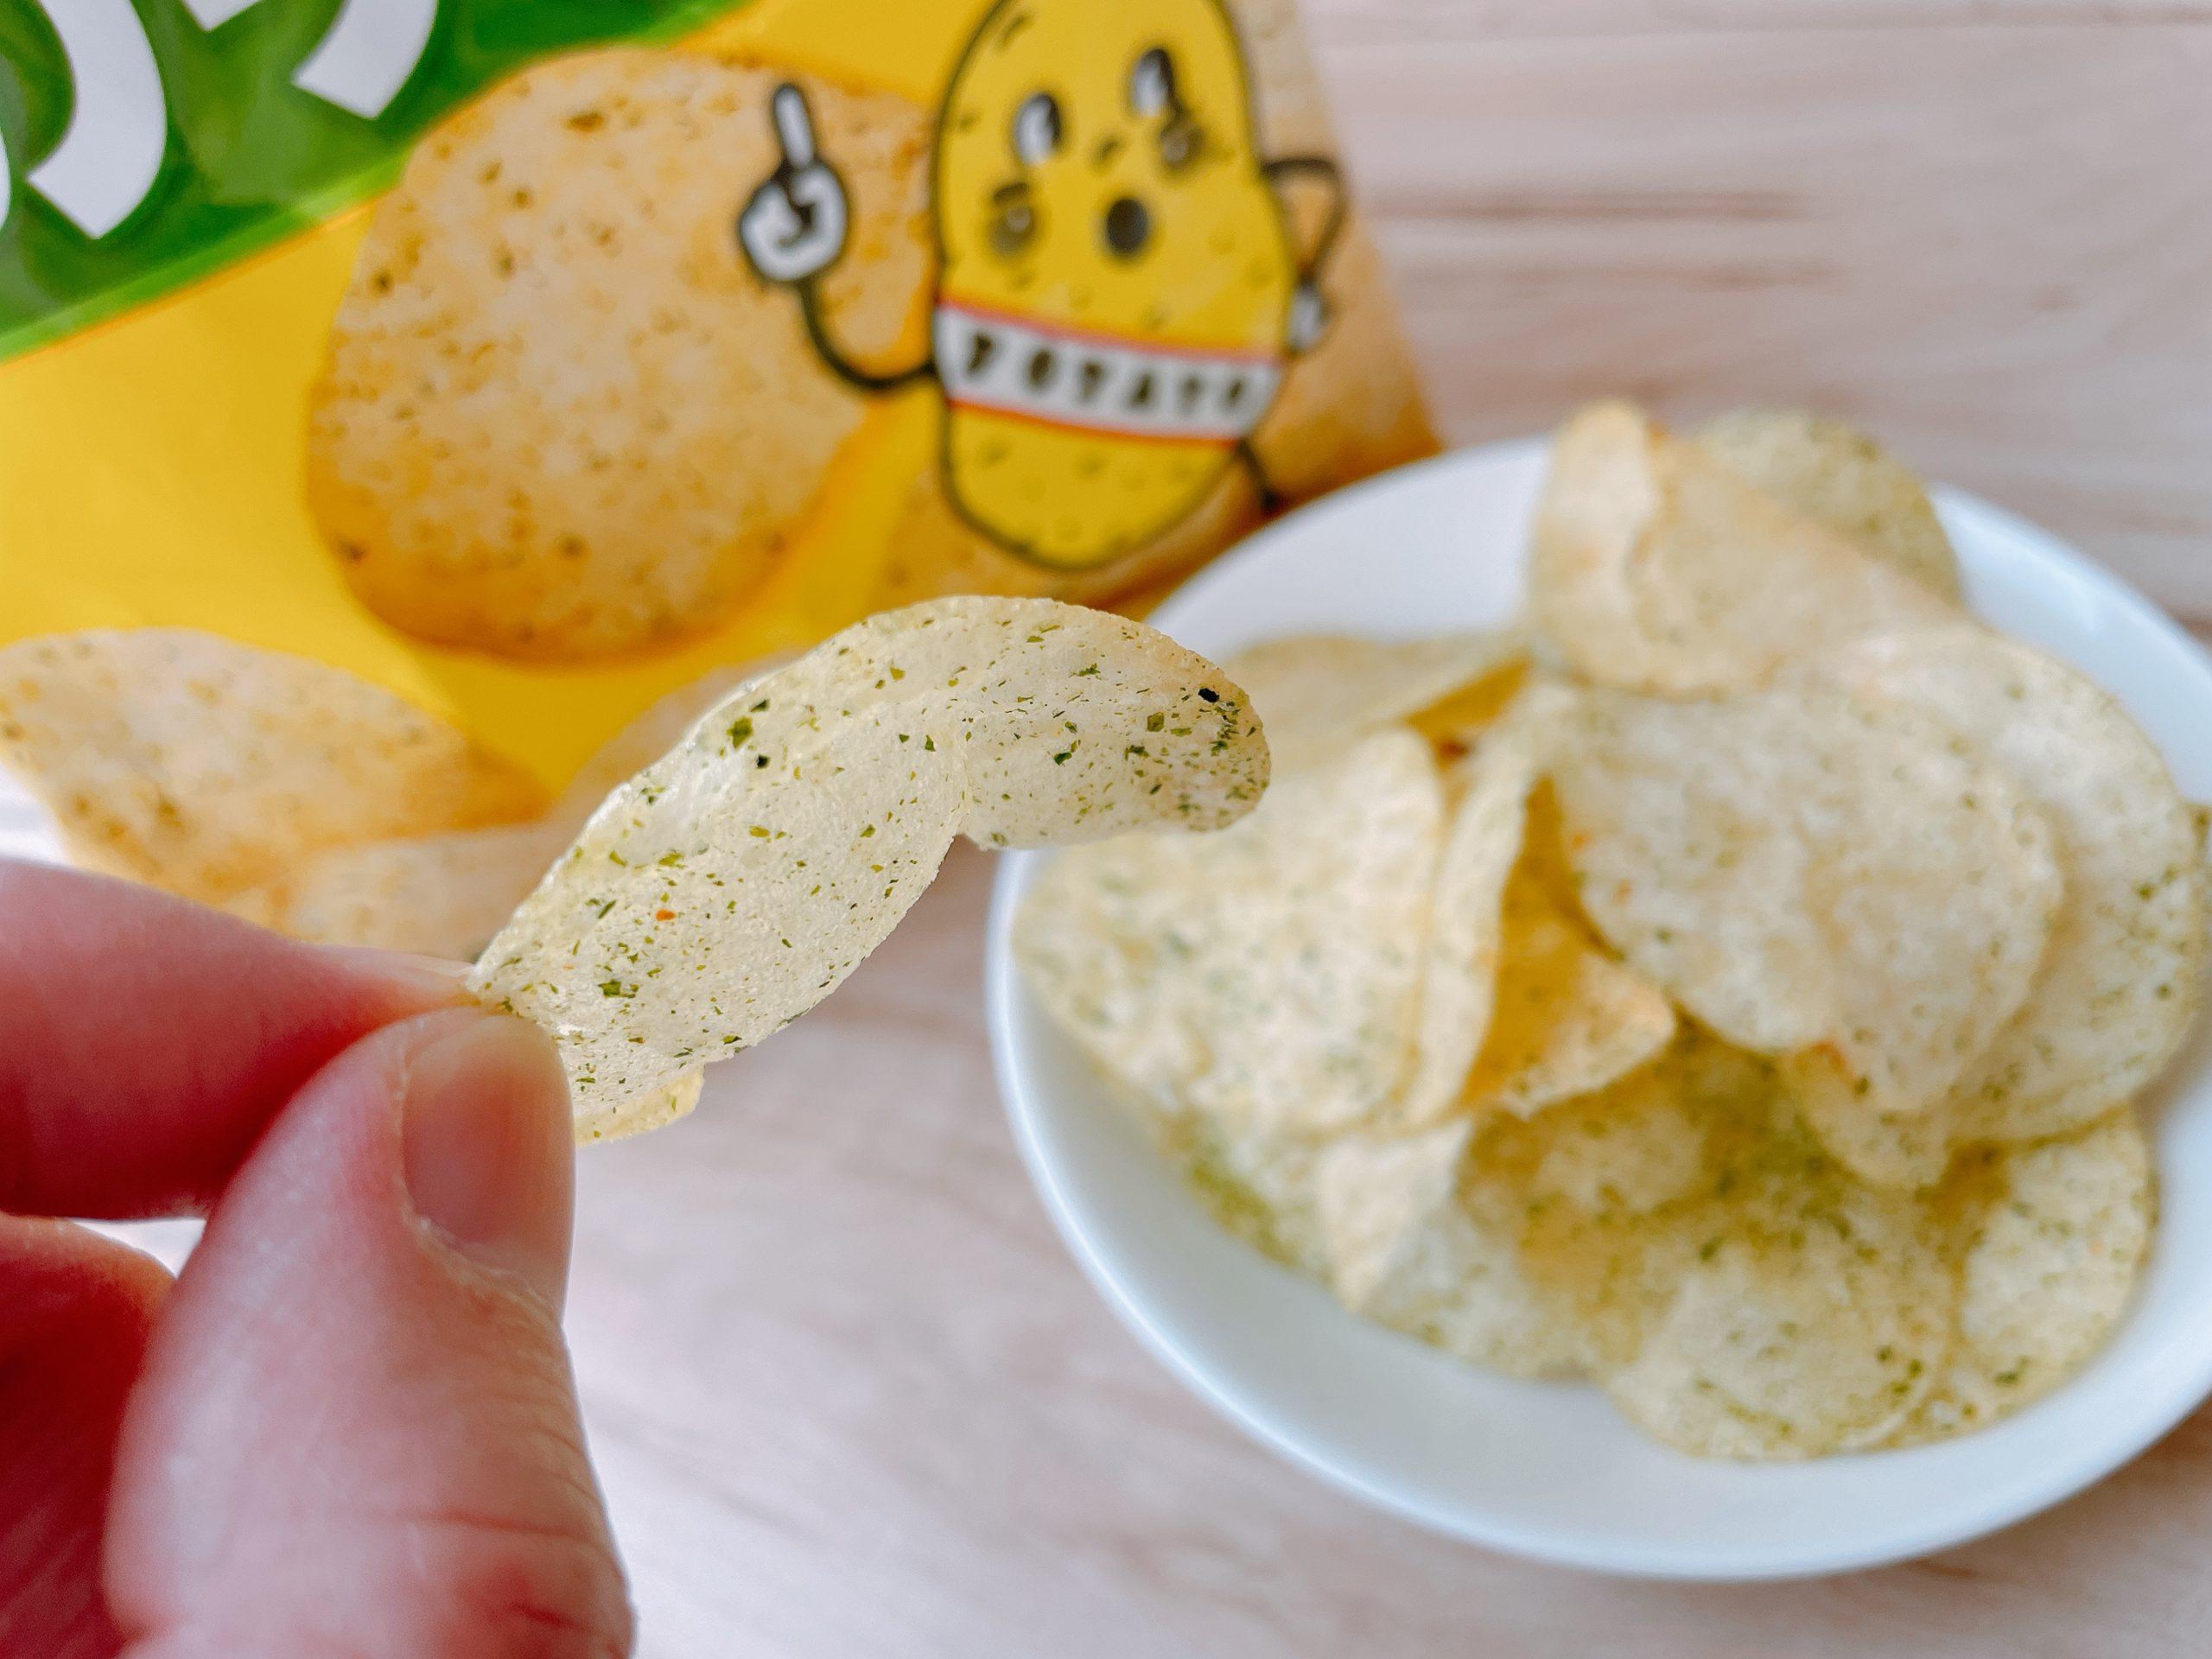 ポテトチップスのりしおは、塩がバッチリきまっている